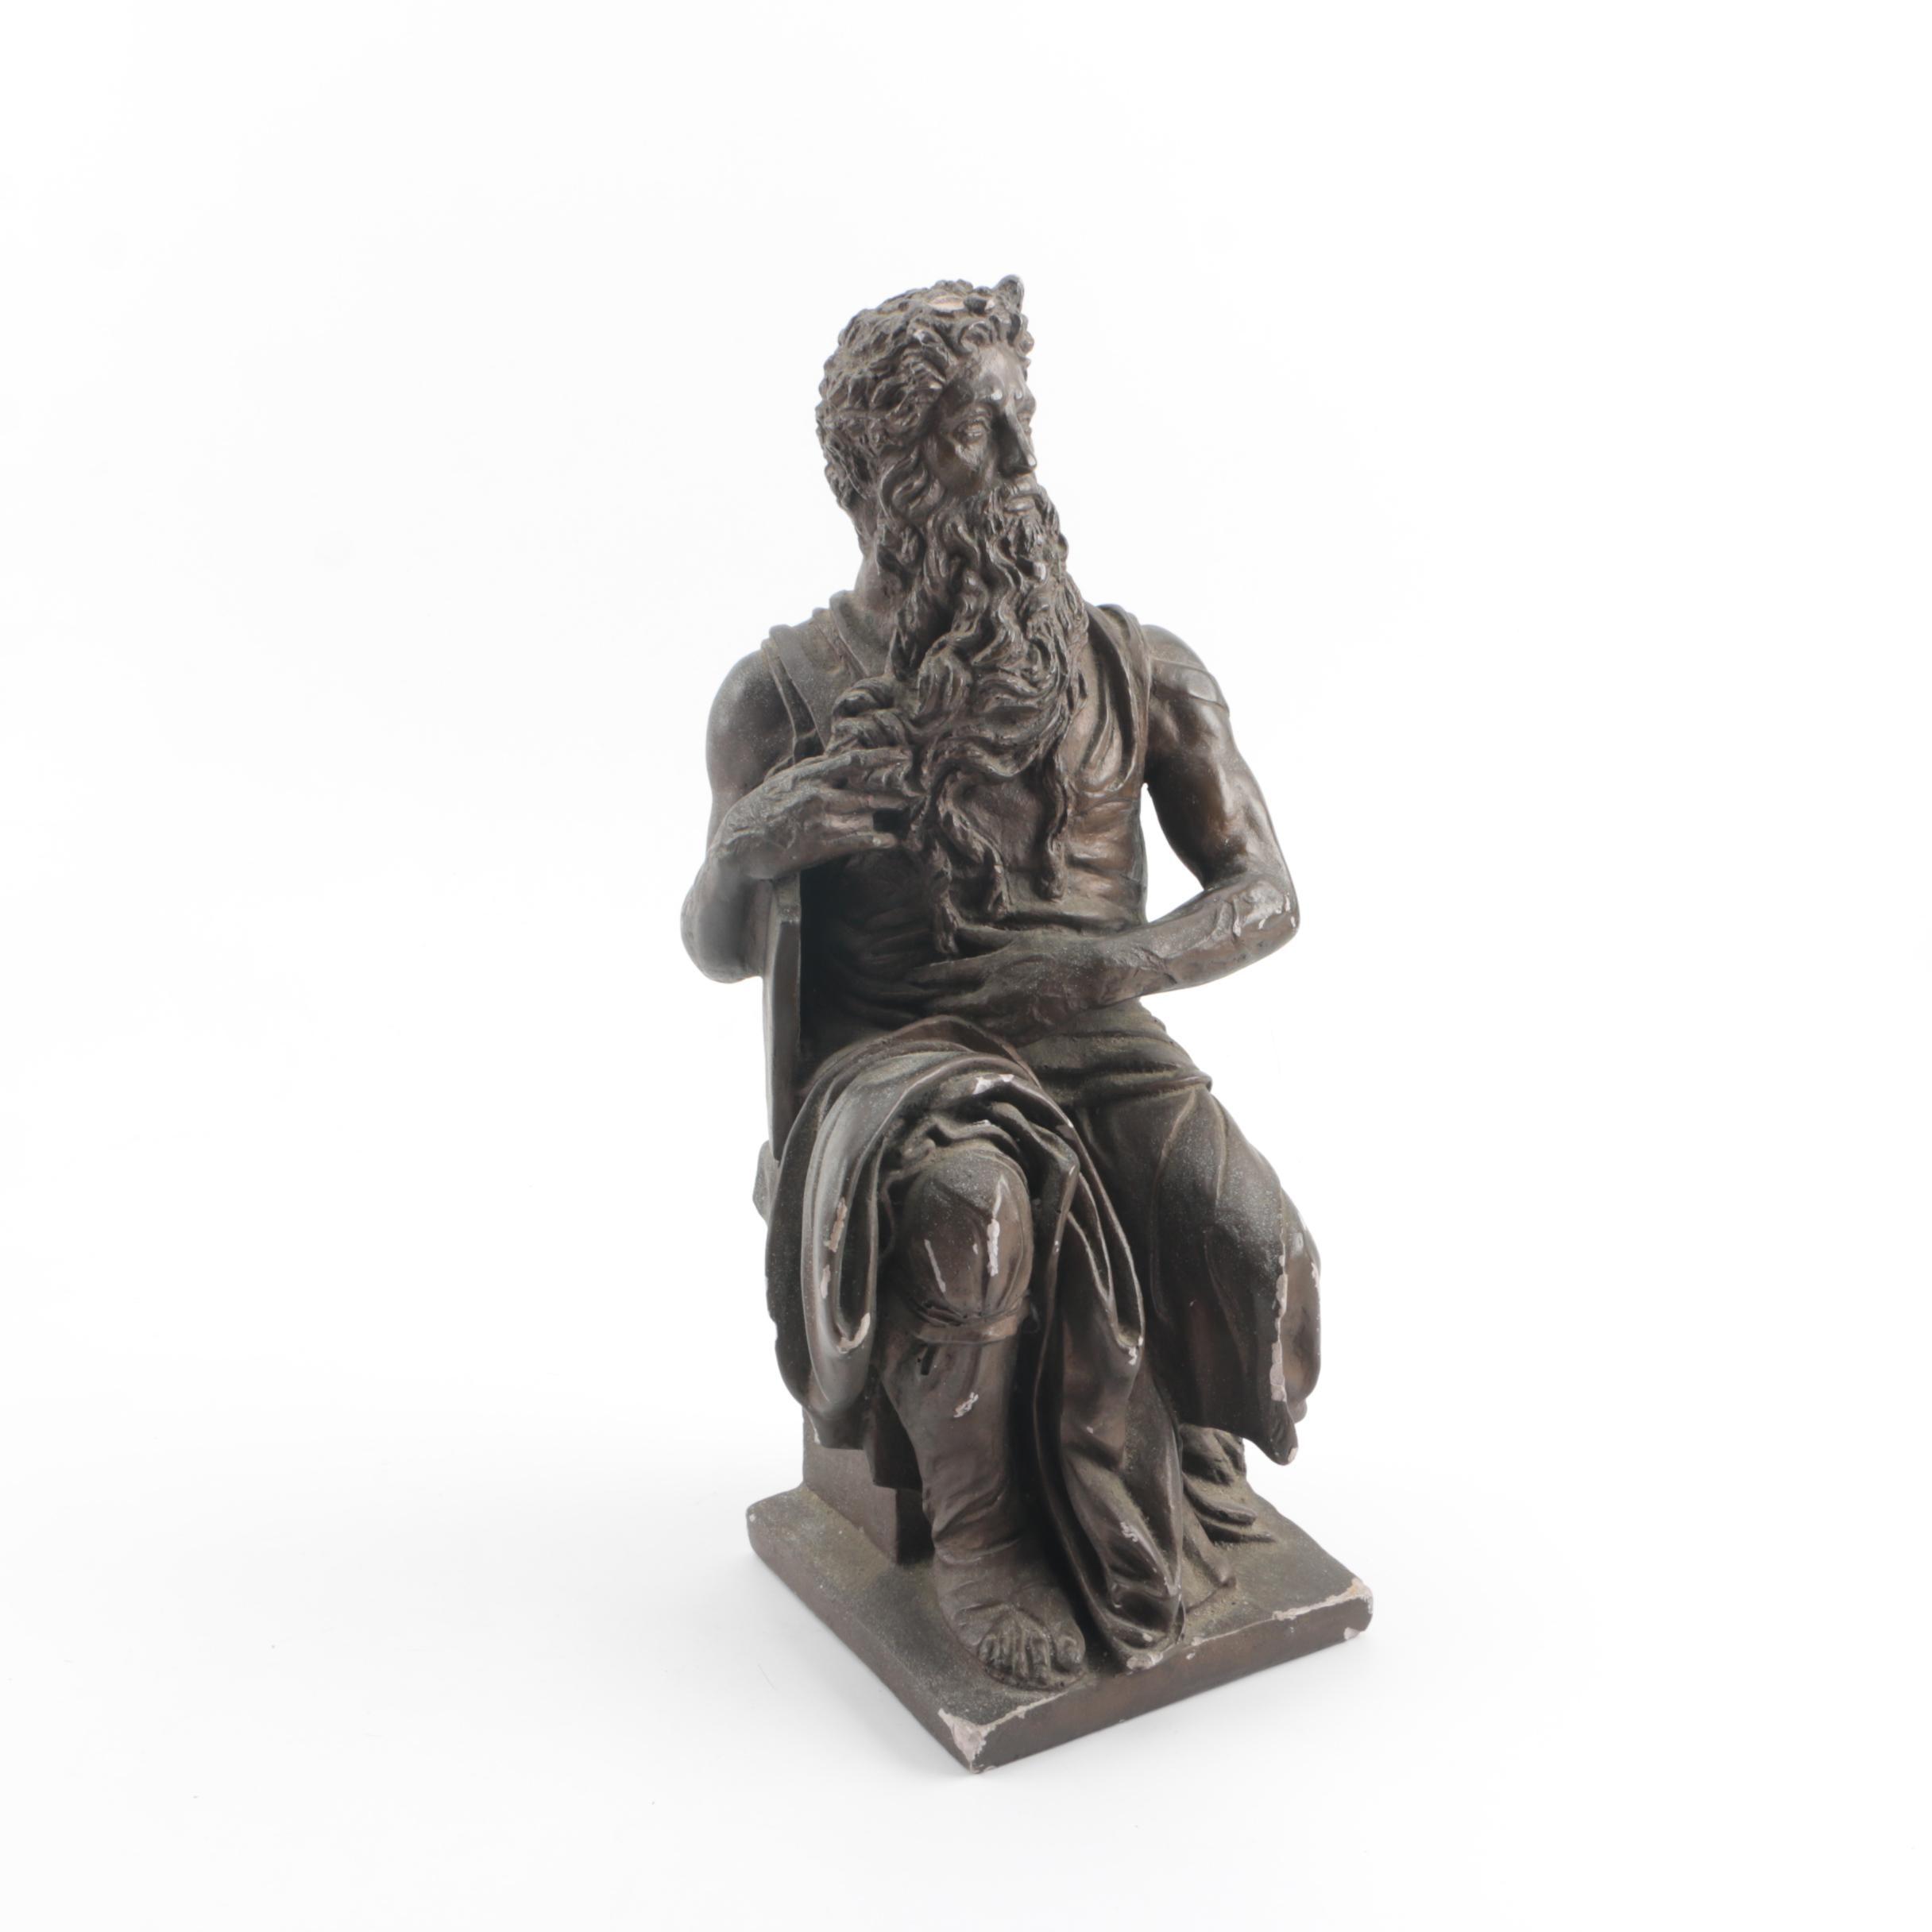 Austin Production Plaster Sculpture After Michelangelo